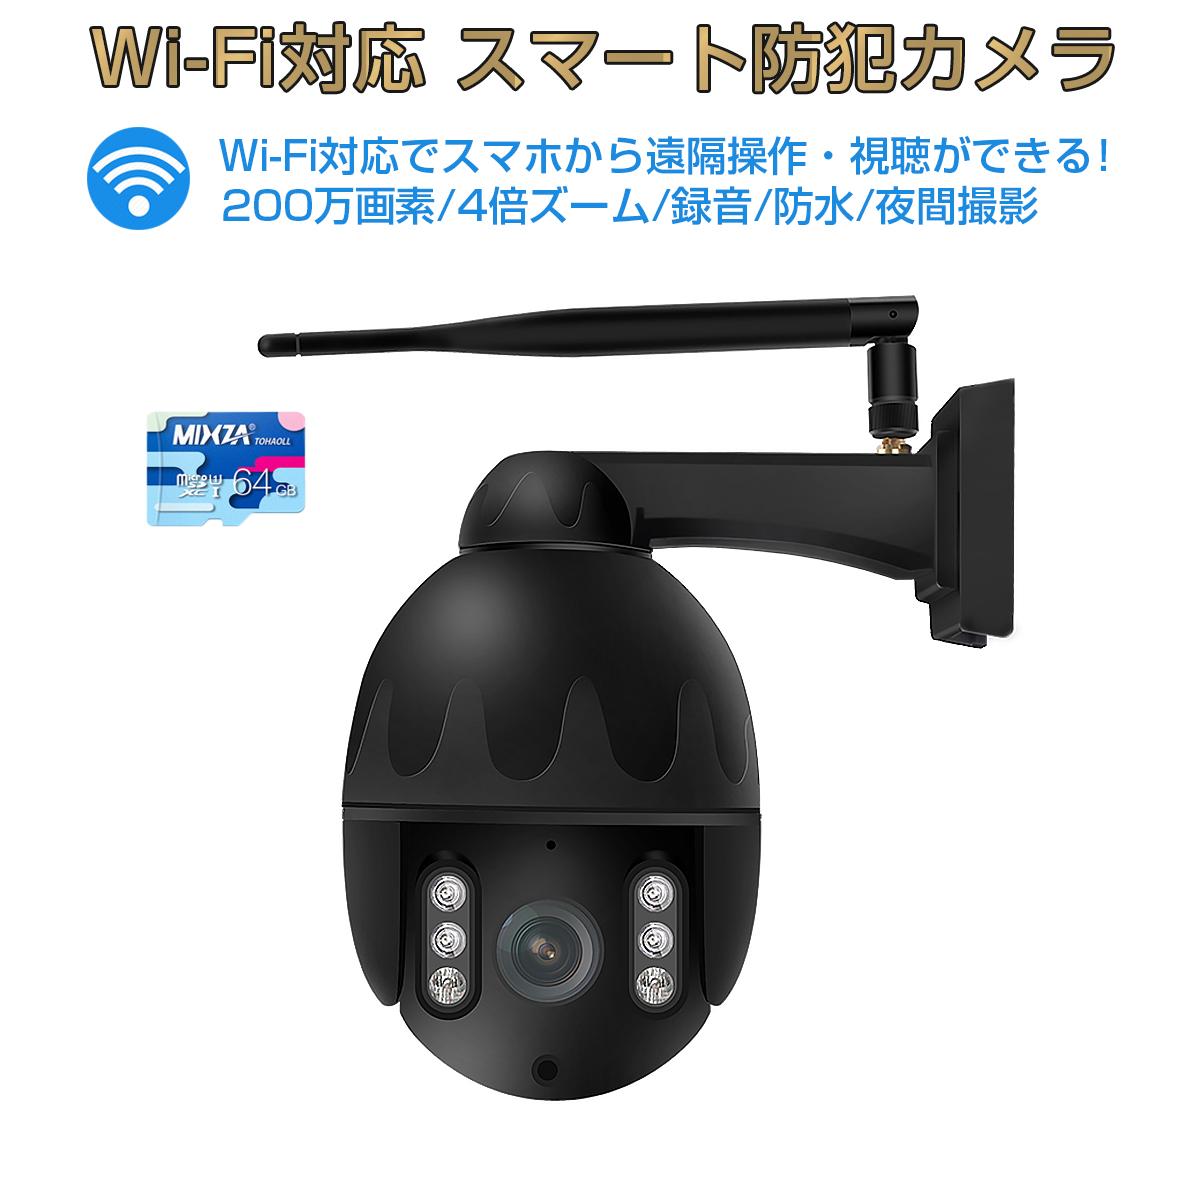 防犯カメラ ワイヤレス C31S VStarcam フルHD 2K 1080p 200万画素 SDカード64GB同梱モデル ペット 赤ちゃんモニター wifi 無線MicroSDカード録画 ONVIF 録音 遠隔操作 遠隔監視 ネットワーク 屋内外兼用 PSE 6ヶ月保証 K&M